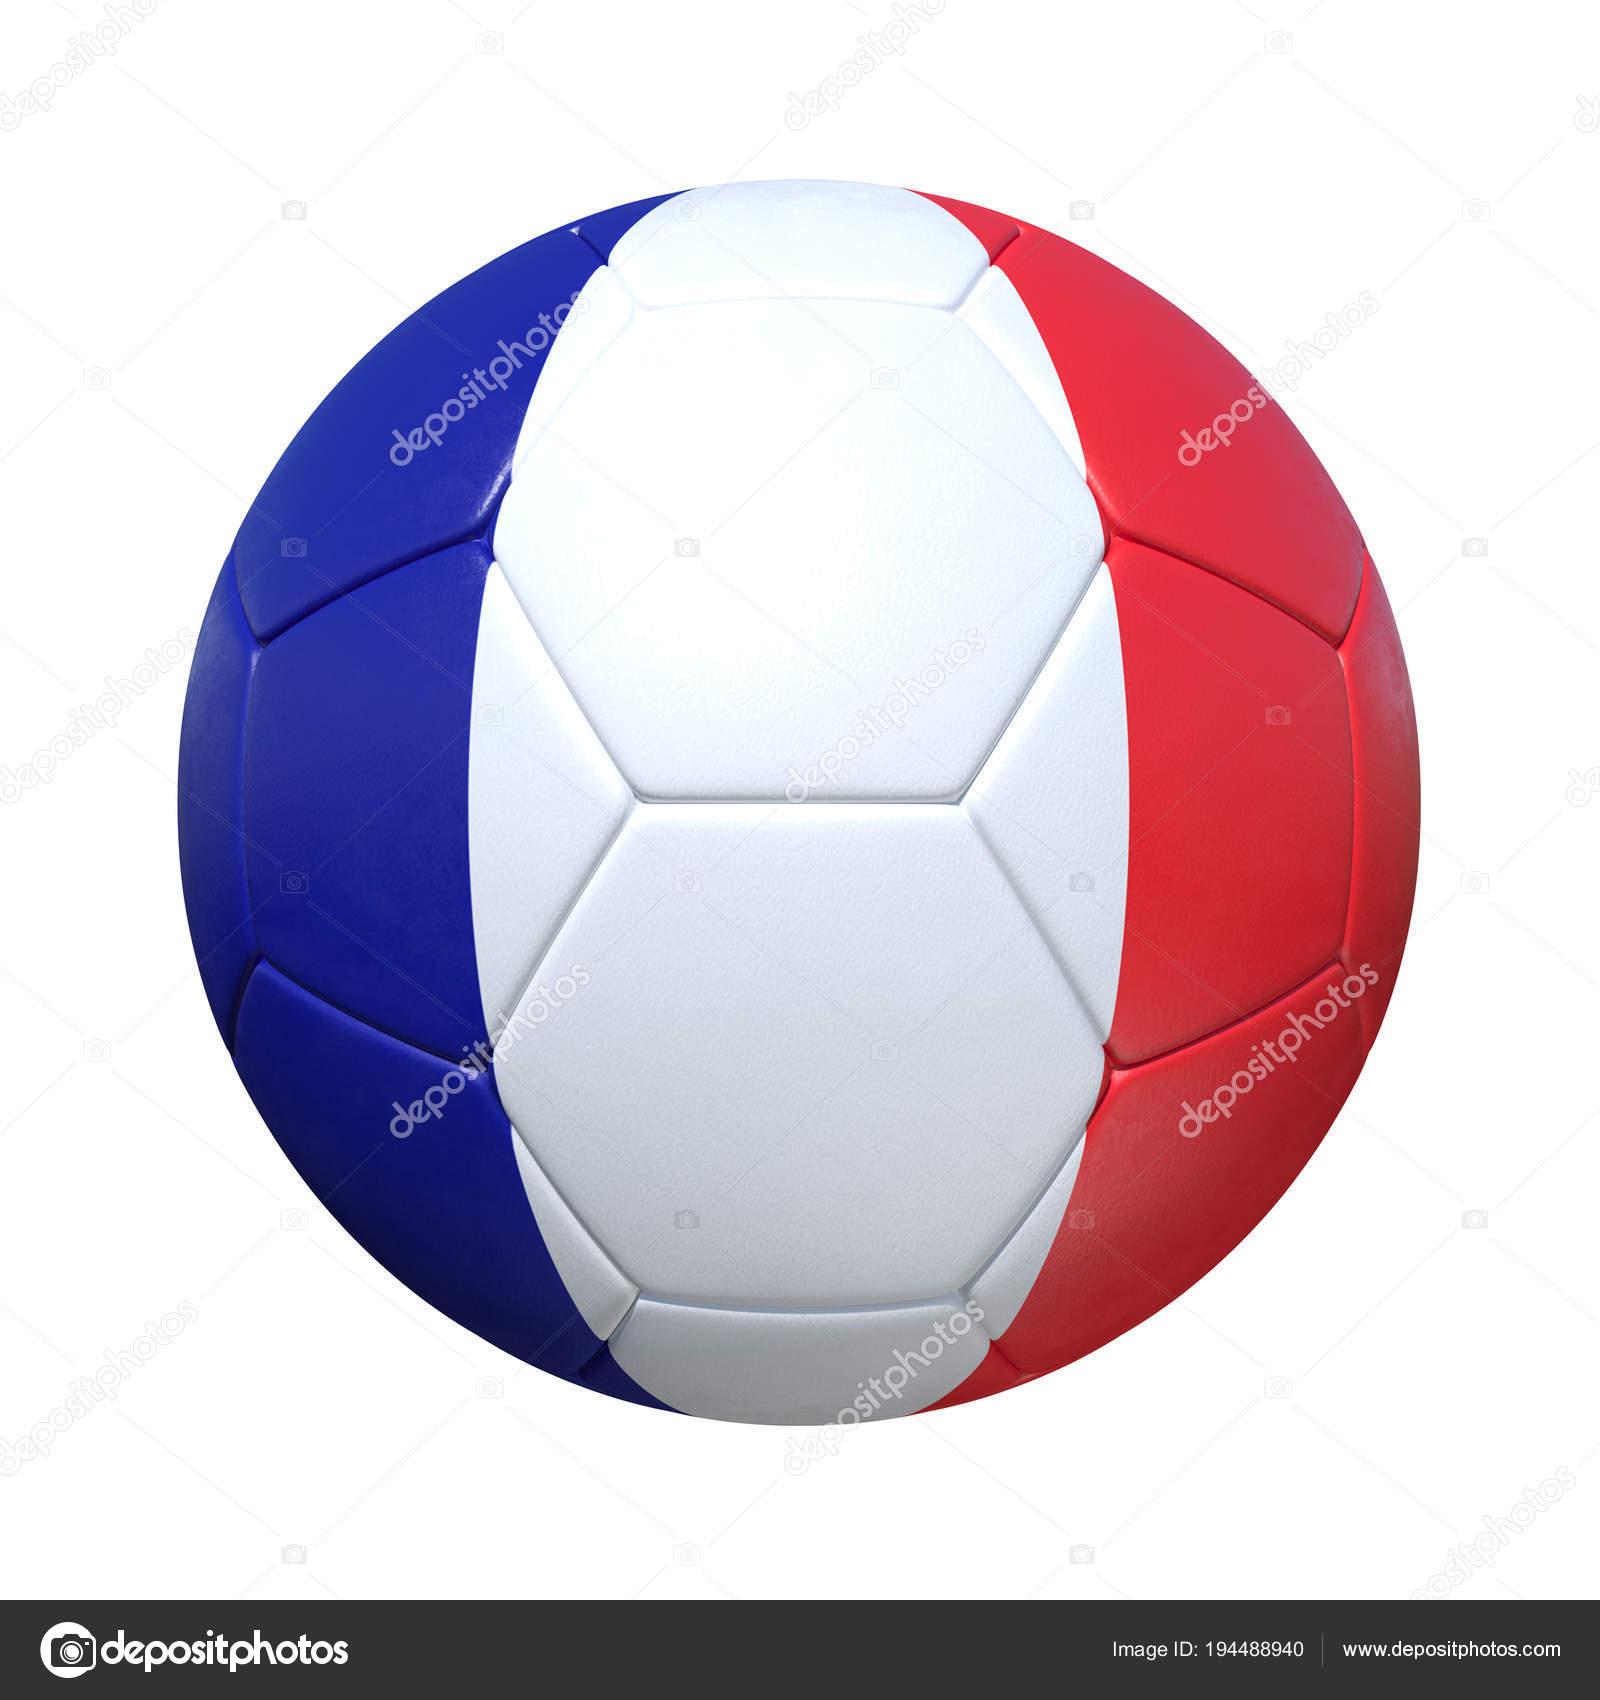 Франция французский футбольный мяч с национальным флагом — стоковое фото 5a326ba9779